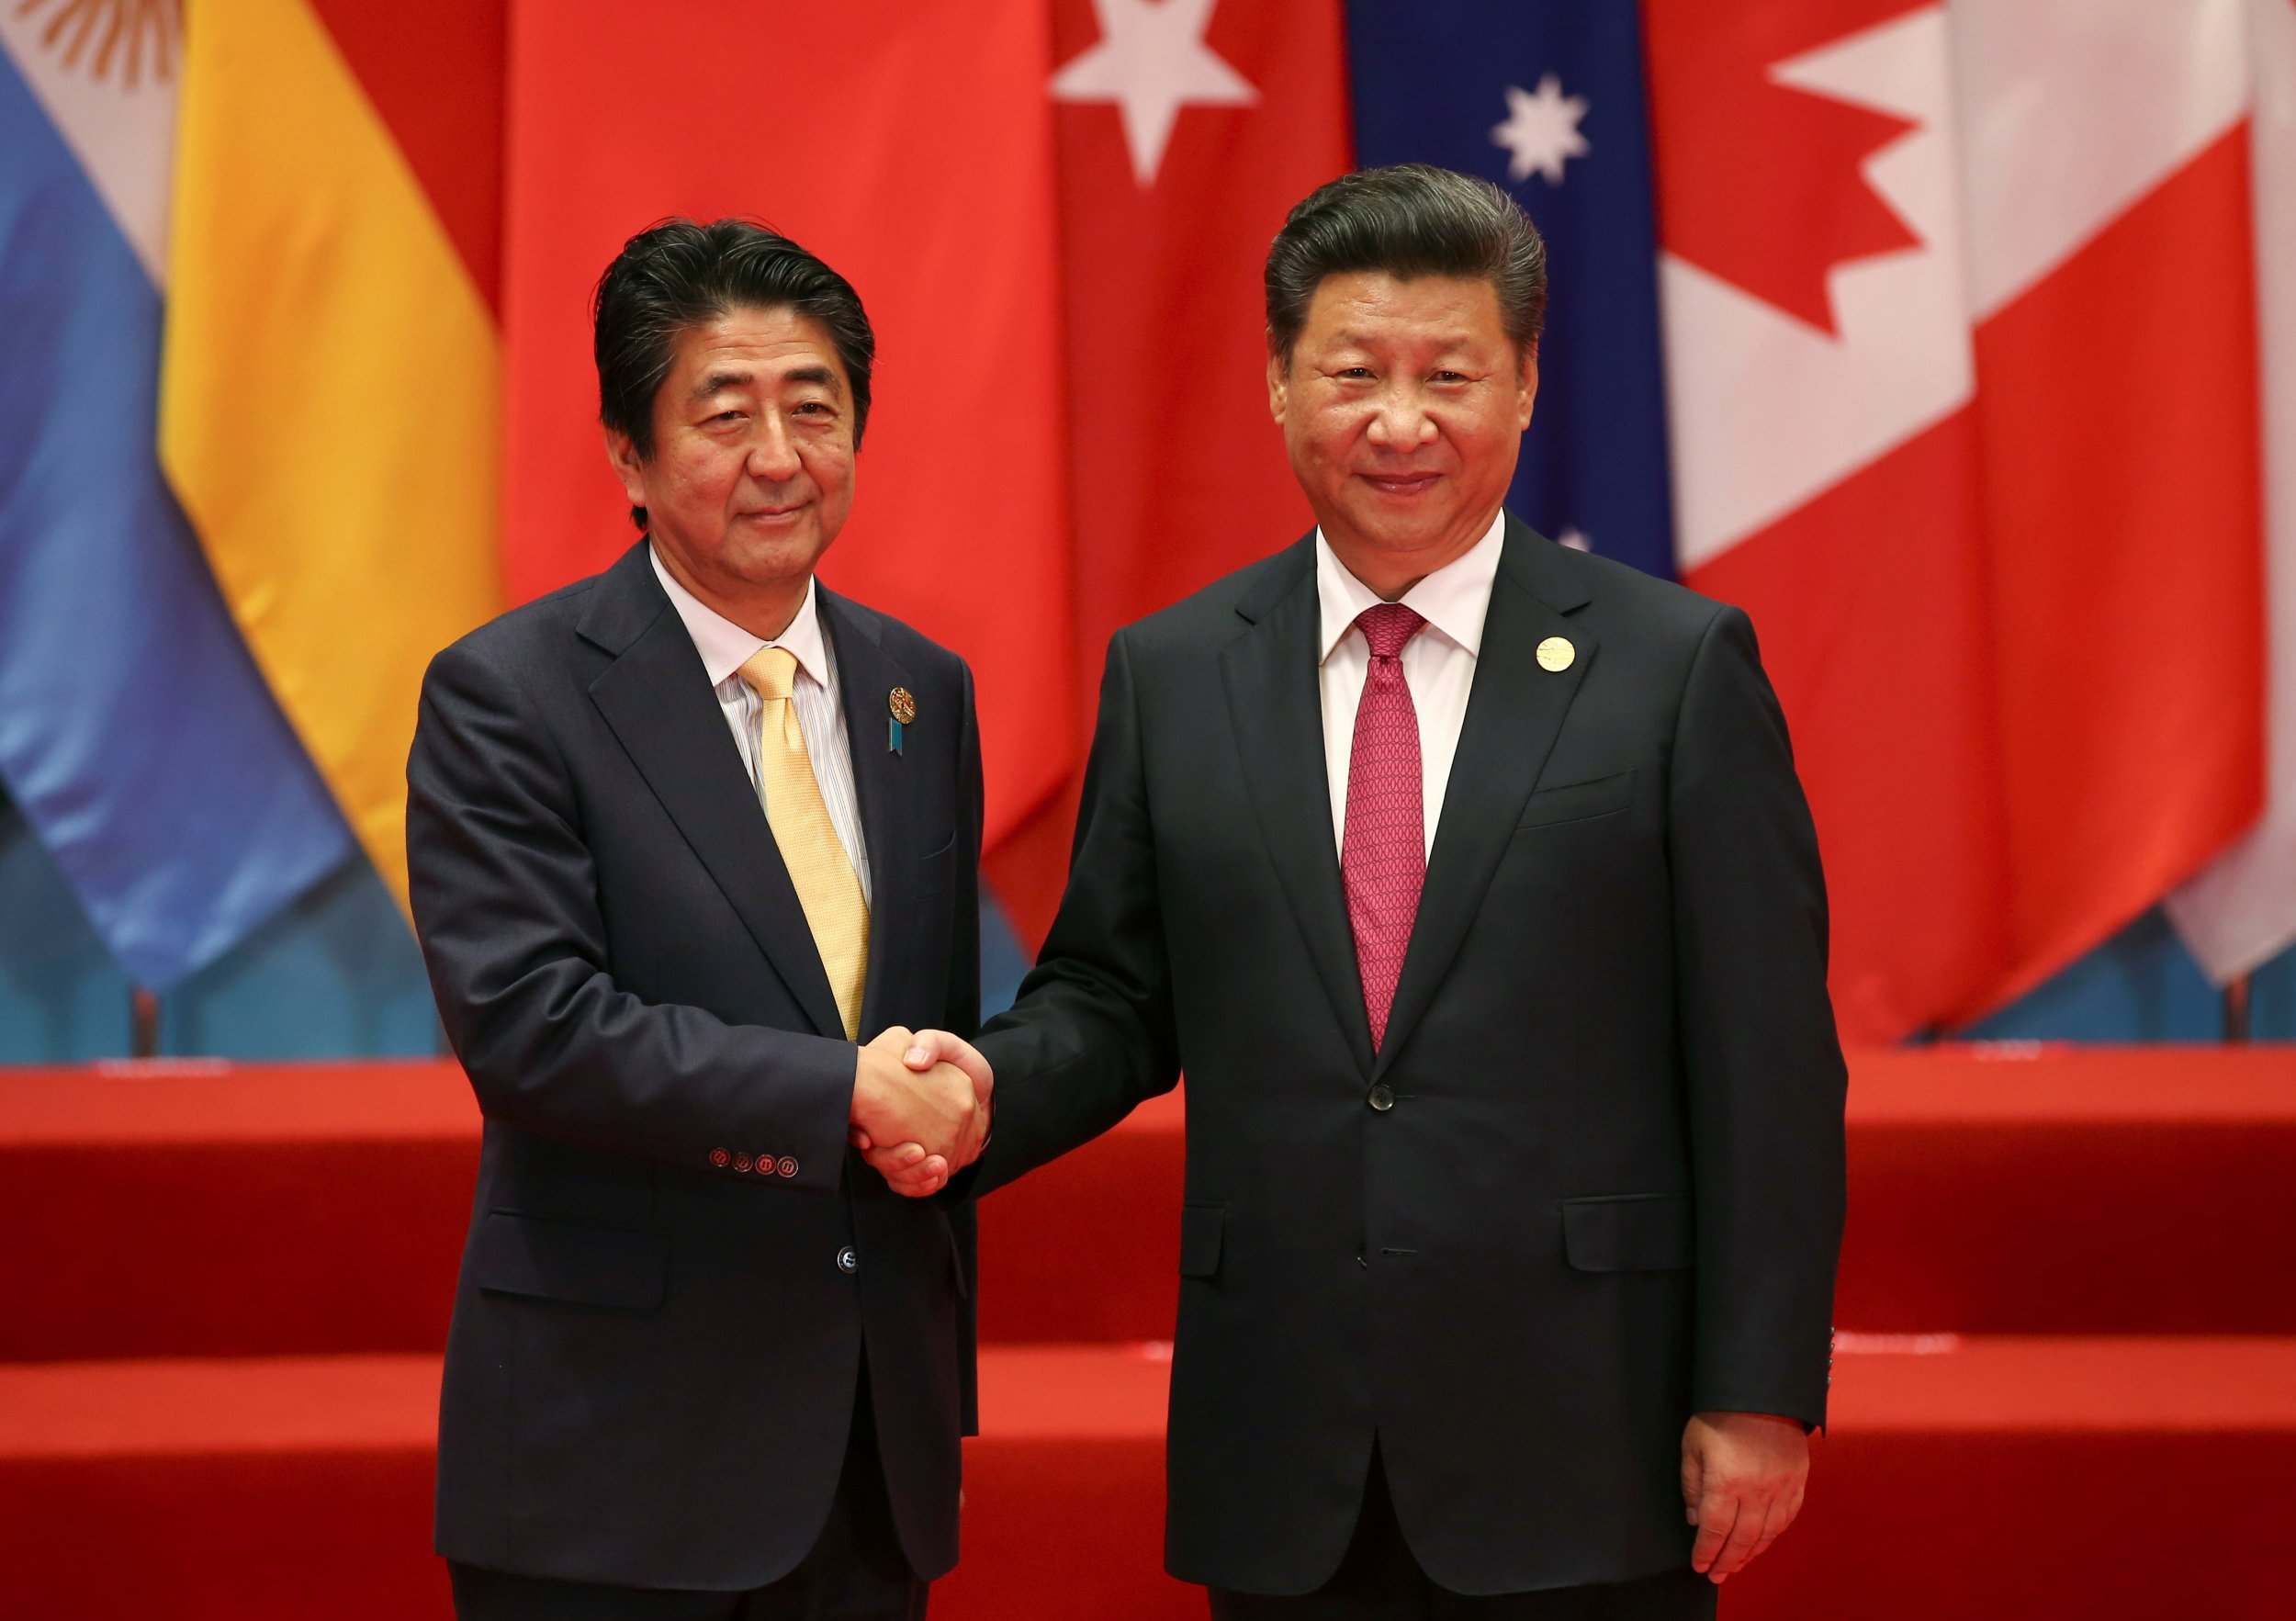 Xi Jinping and Shinzo Abe